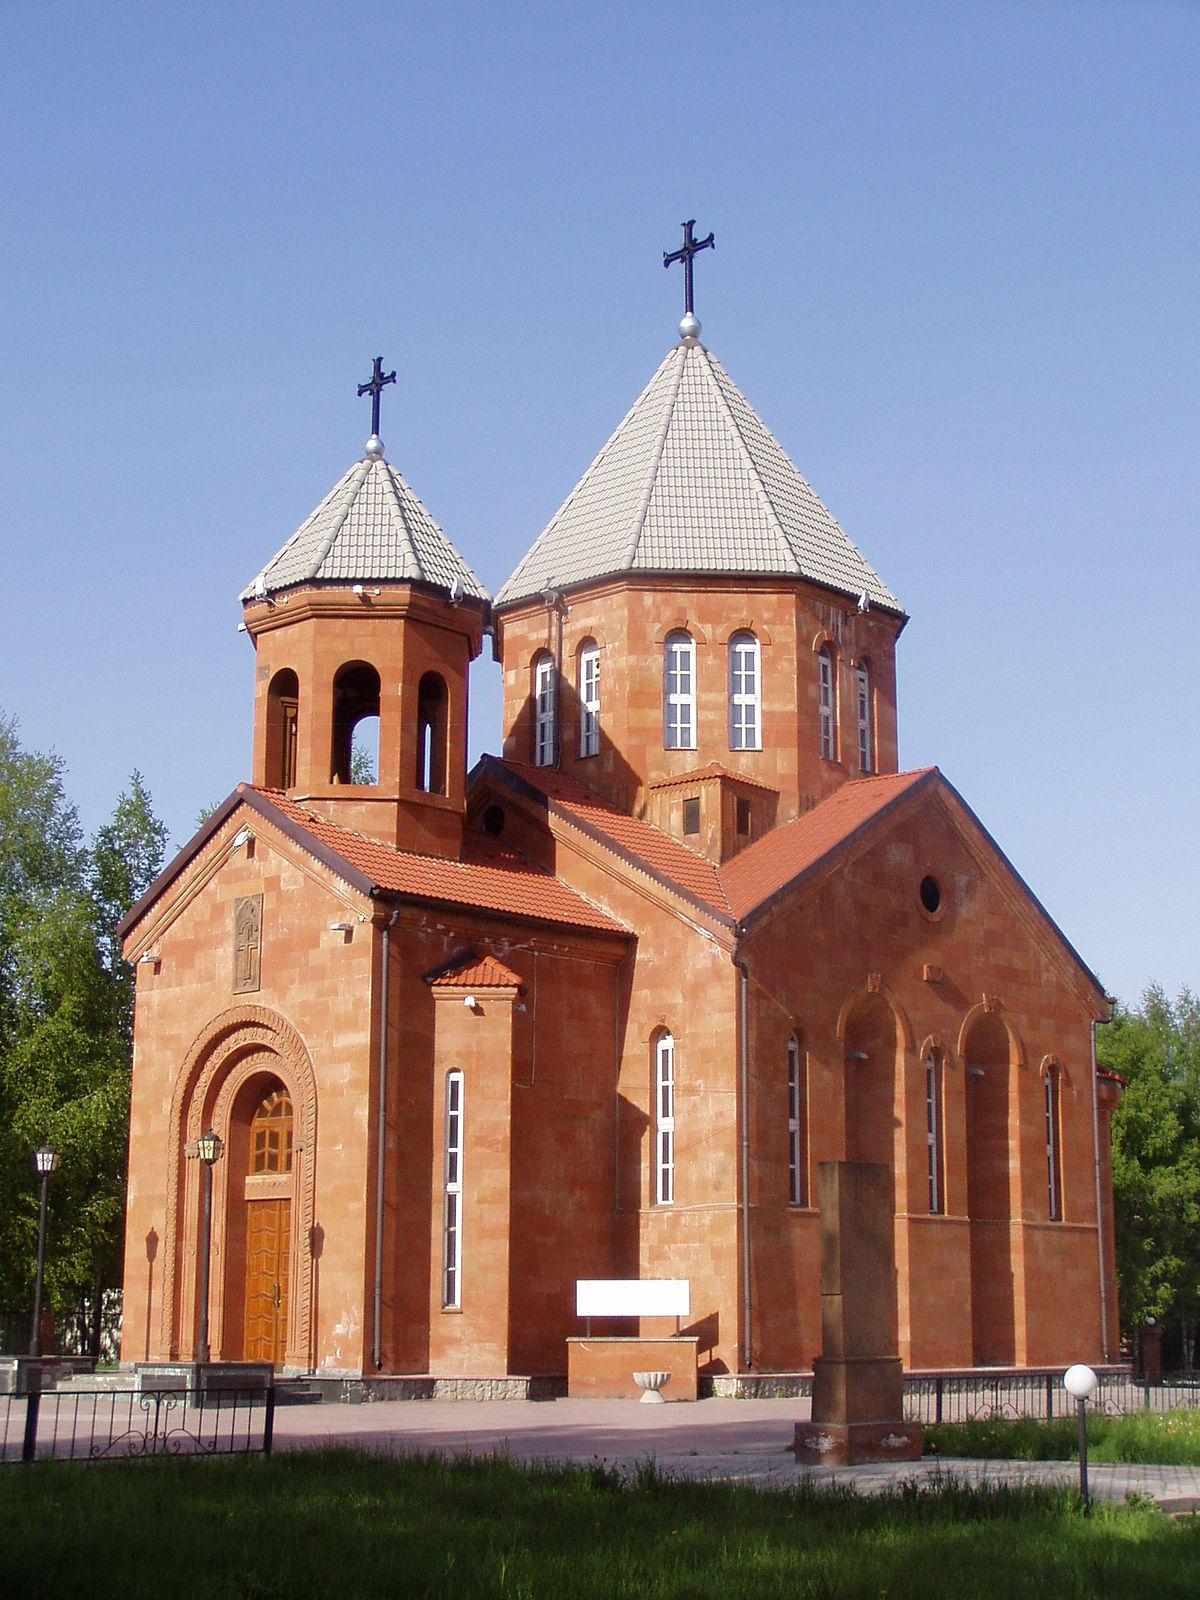 Церковь Христа Всеспасителя Киров Википедия